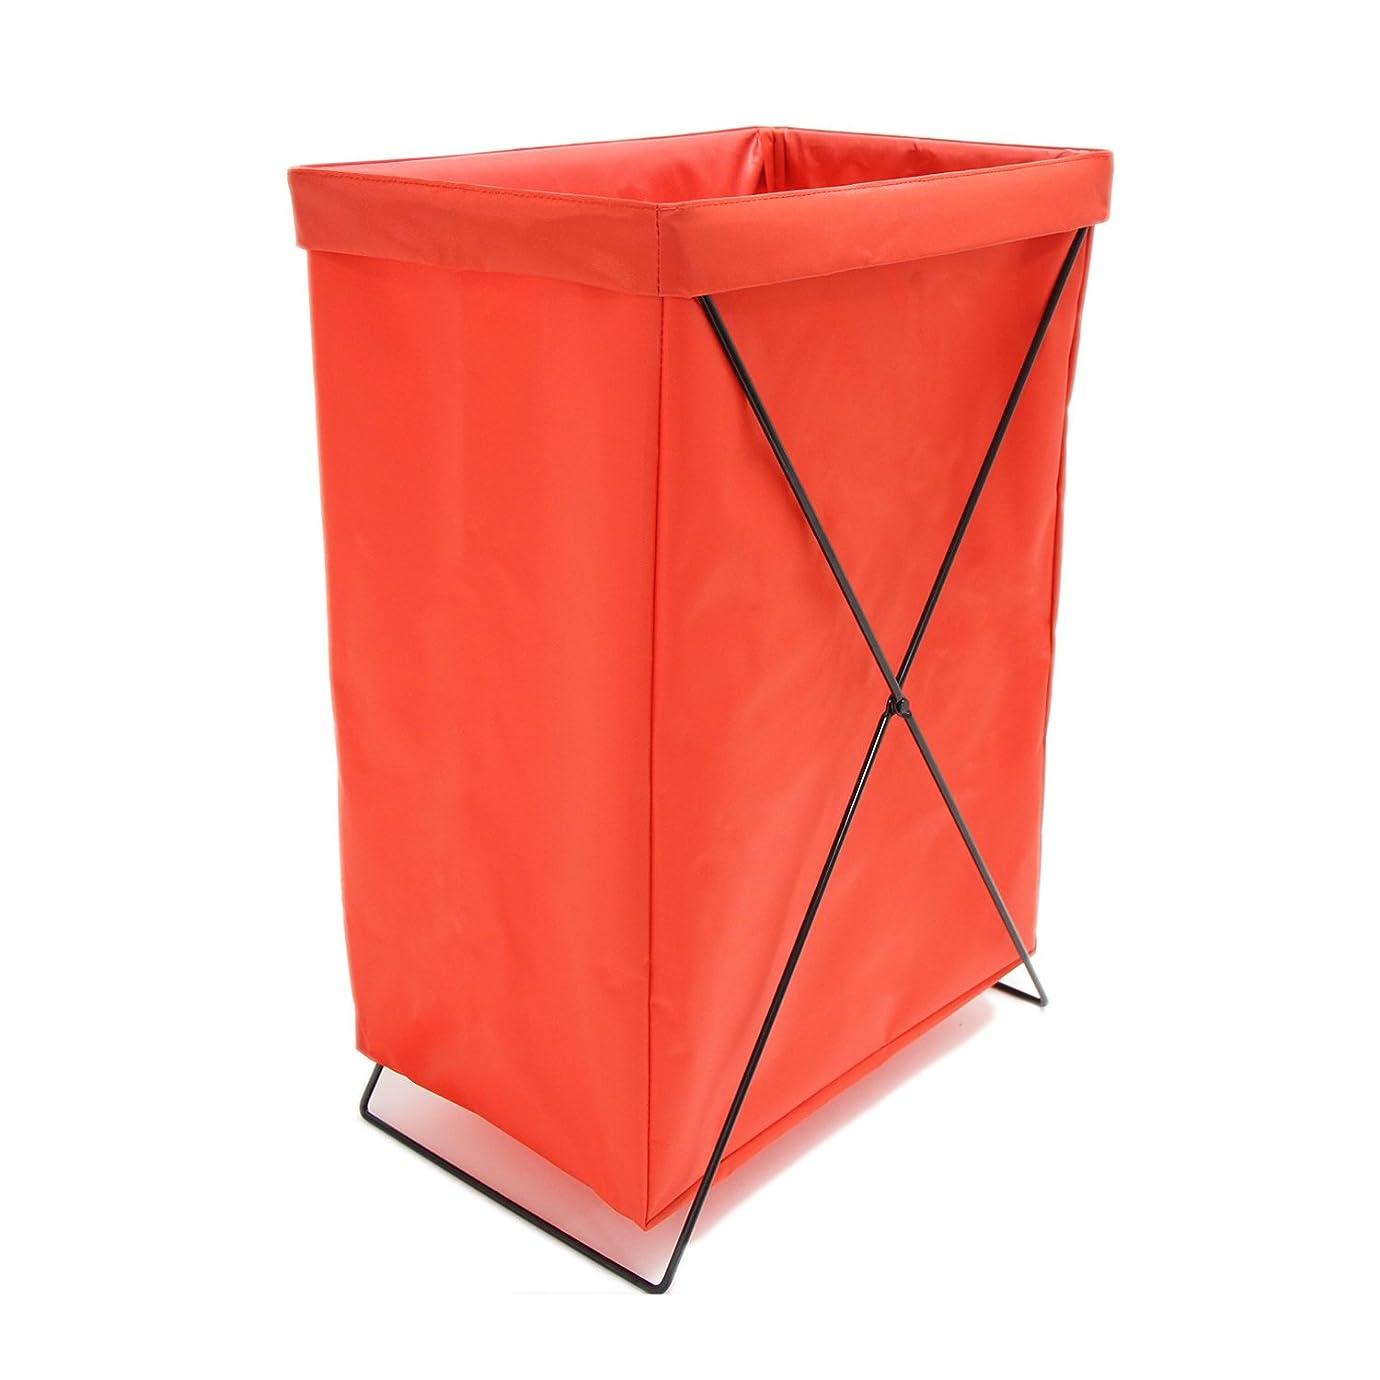 傾向がありますフラスコ町アストロ サイドワゴン 軽量タイプ レッド スタンダード 収納 撥水加工 折りたたみ リビング キッチン 洗濯物 ごみ箱 620-21